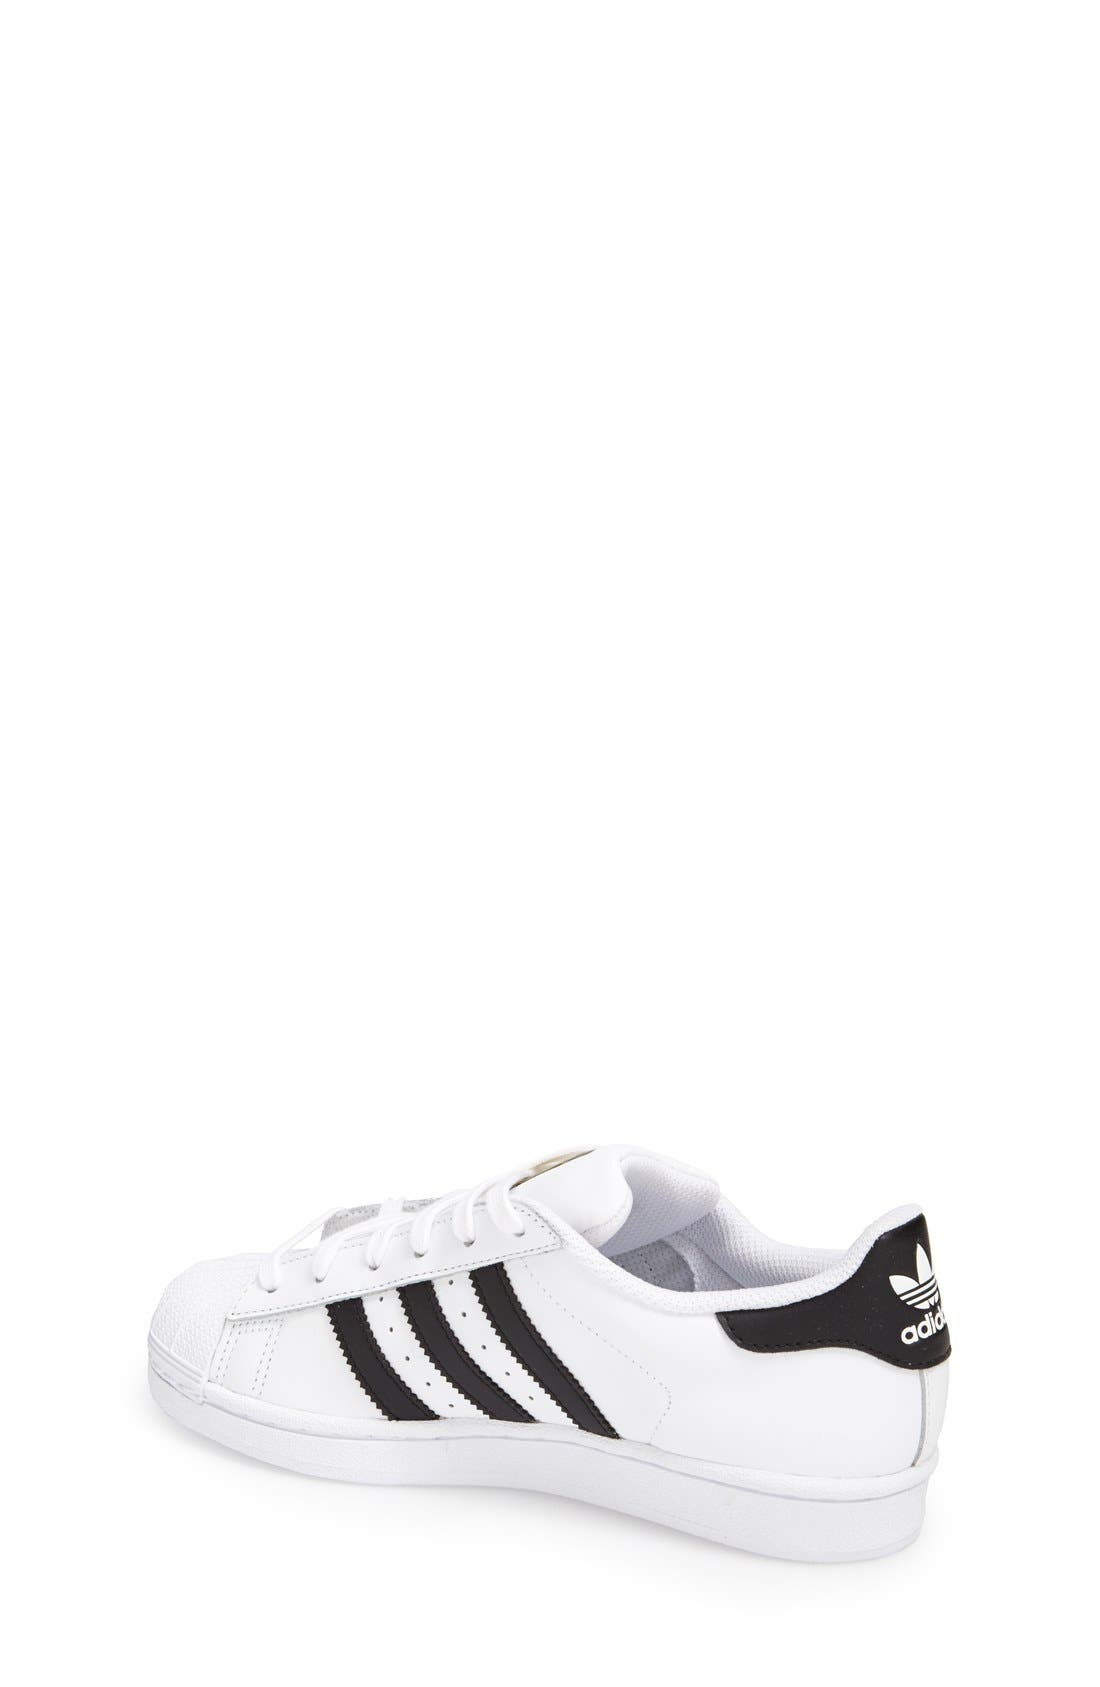 ADIDAS, 'Superstar II' Sneaker, Alternate thumbnail 5, color, WHITE/ BLACK/ WHITE